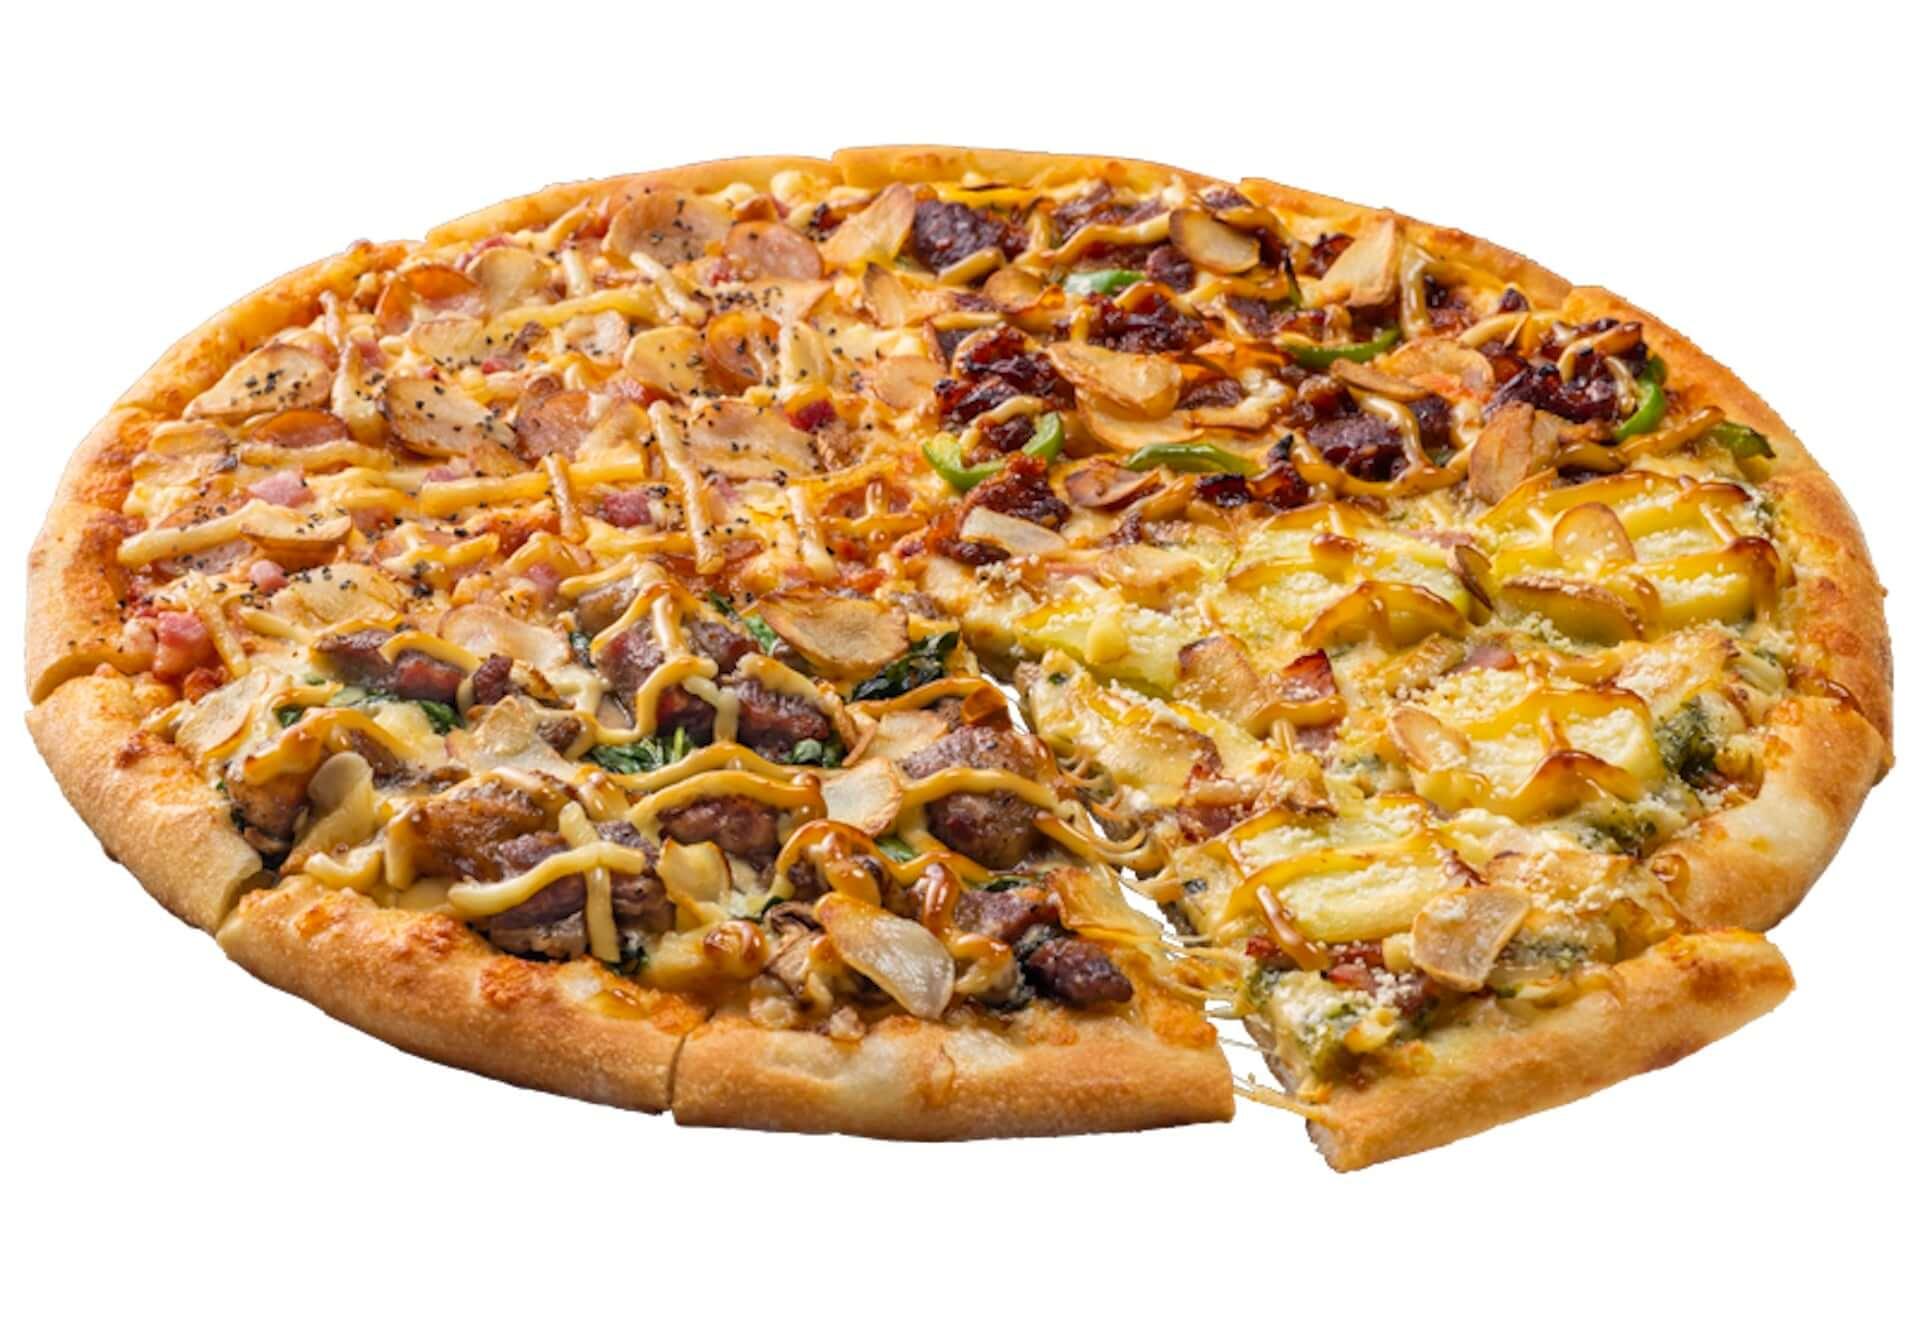 ピザの常識を覆す!?ドミノ・ピザの「裏ドミノ」シリーズ第2弾が期間限定で発売 『3kgポテト』『欲望の塊クワトロ』も登場 gourmet200713_dominos_pizza_3-1920x1320